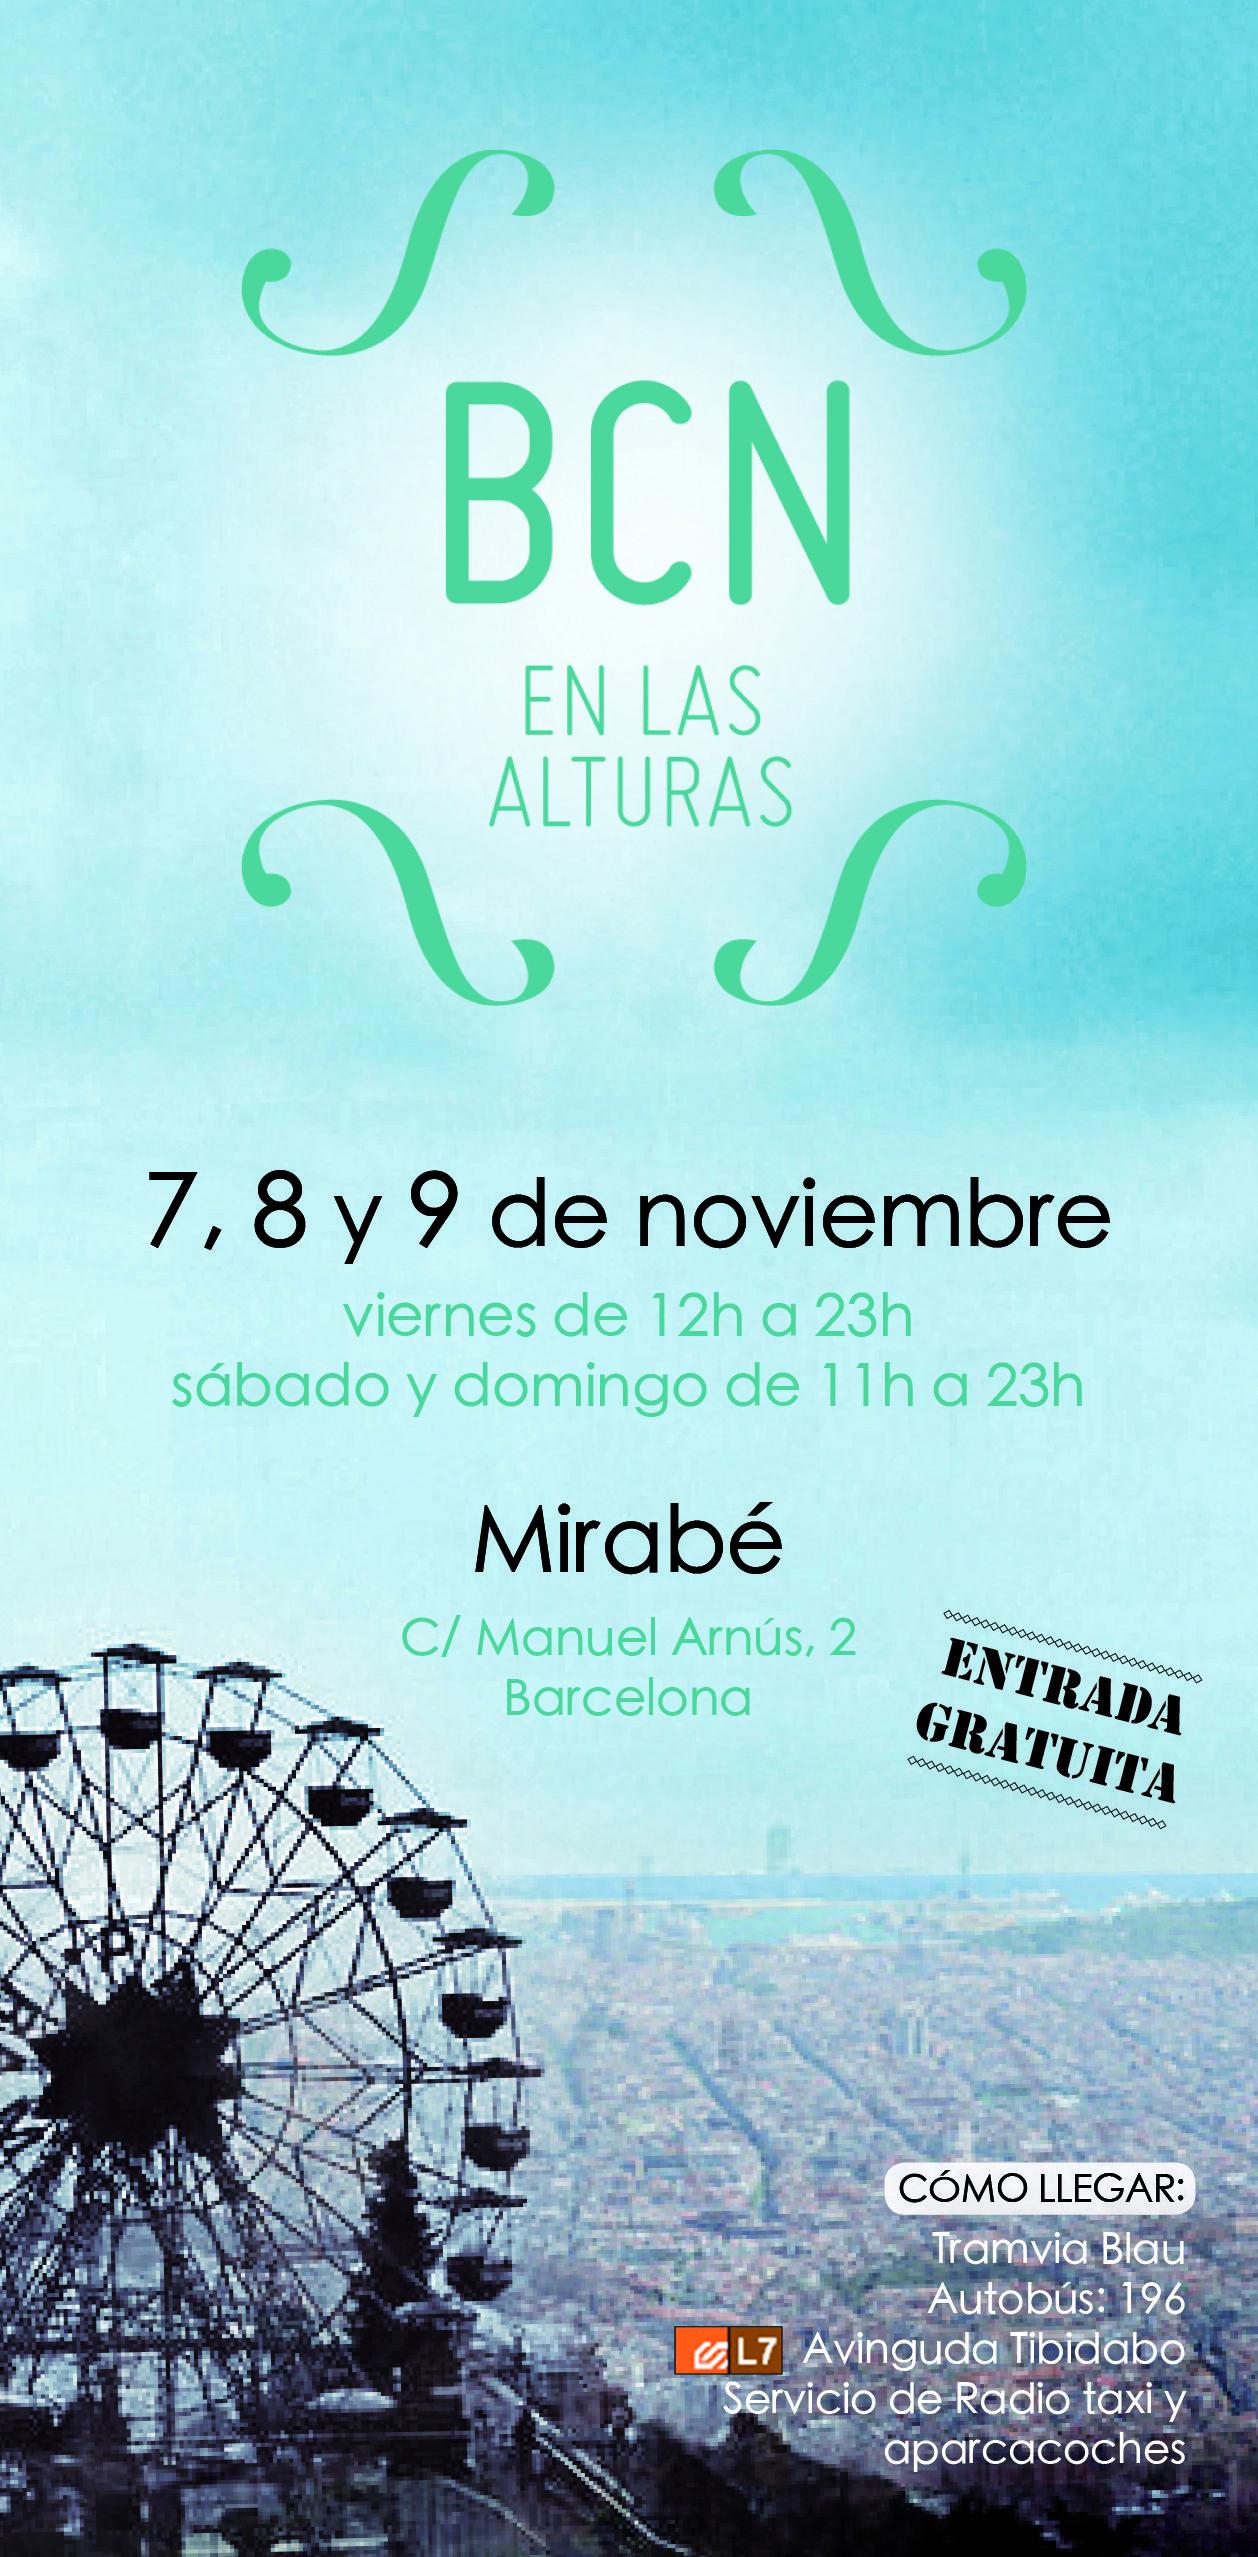 Edición Mirabé 2014 7,8 y 9 de noviembre. #bcnenlasalturas